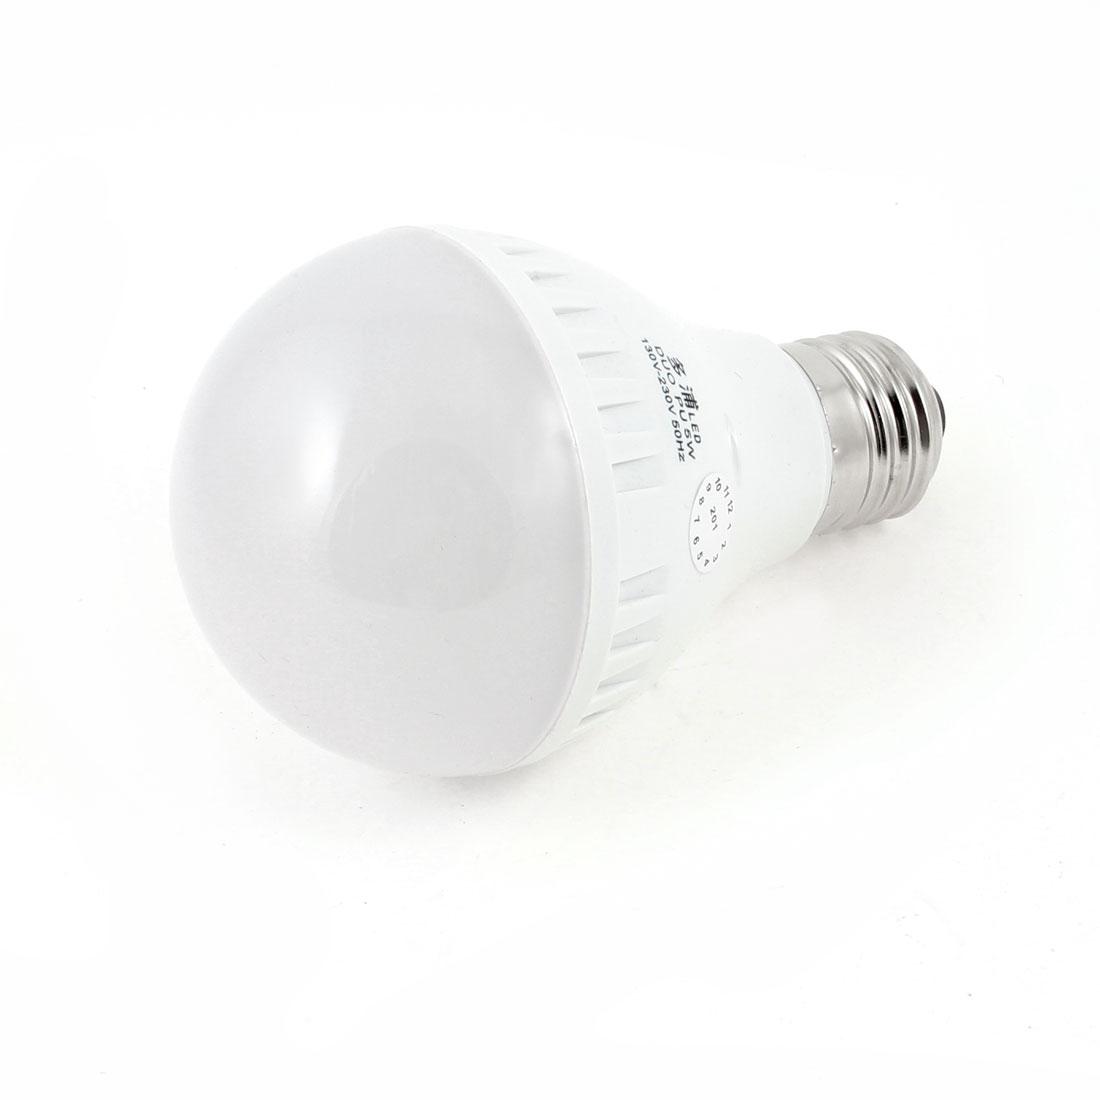 Alloy E27 3W Globe Balls LED Energy Saving Light Lamp White AC 130-230V